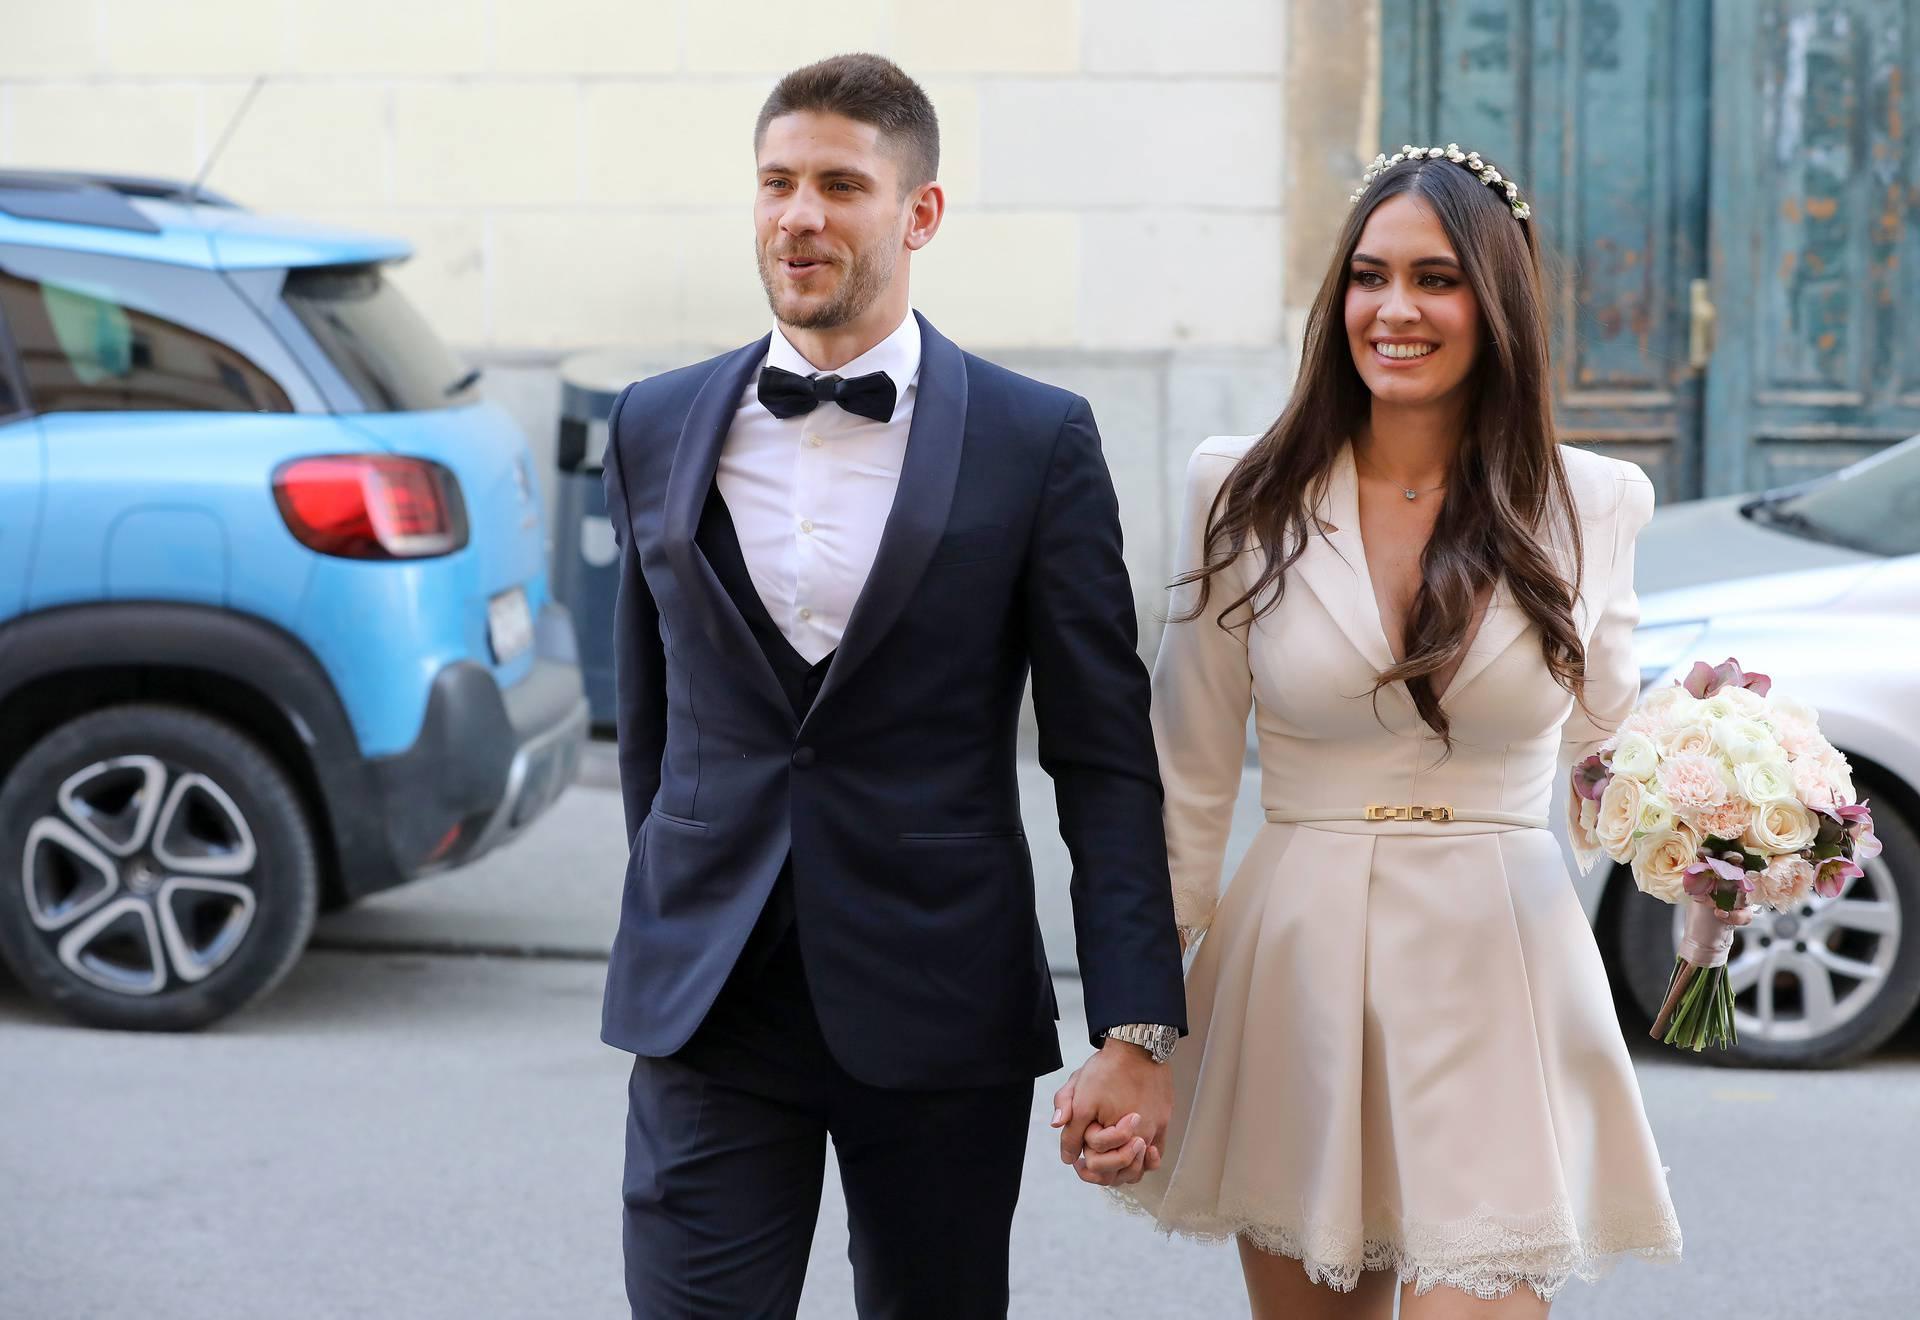 Zagreb: Vjenčanje hrvatskog reprezentativca Andreja Kramarića i Mije Ćurković